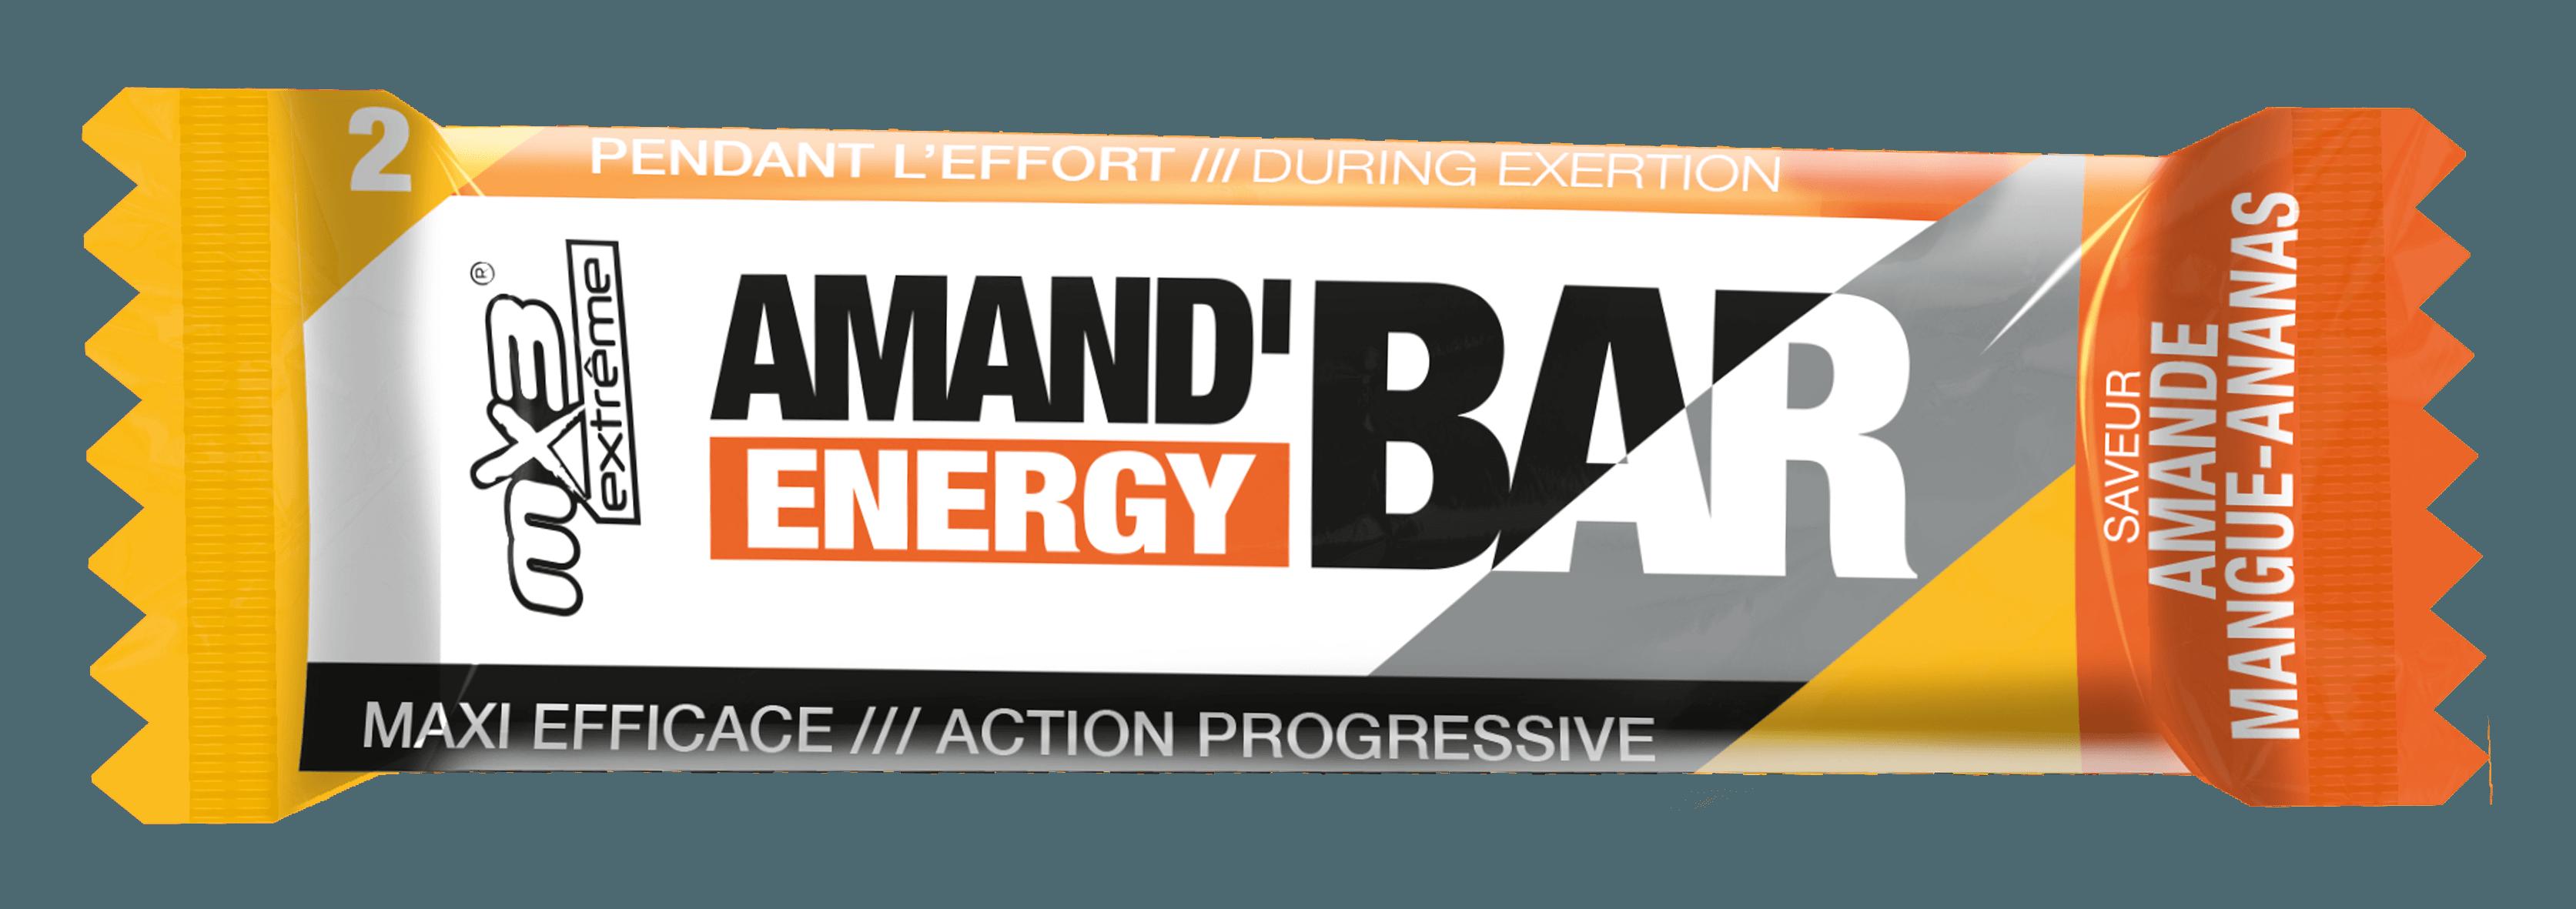 Barre énergétique amande